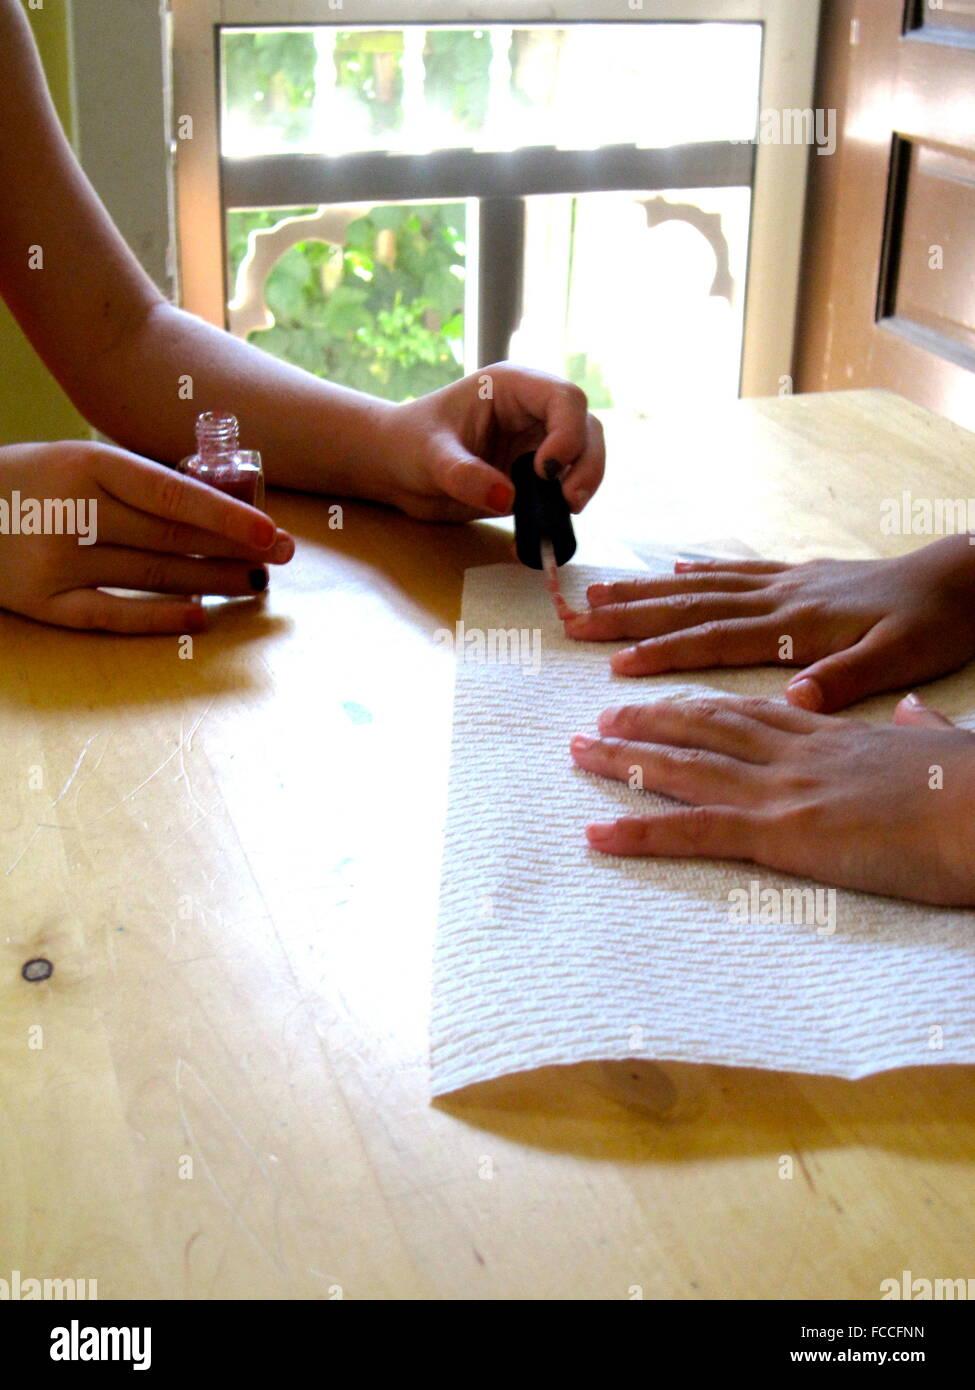 Close-Up Of Hands Applying Nail Varnish - Stock Image